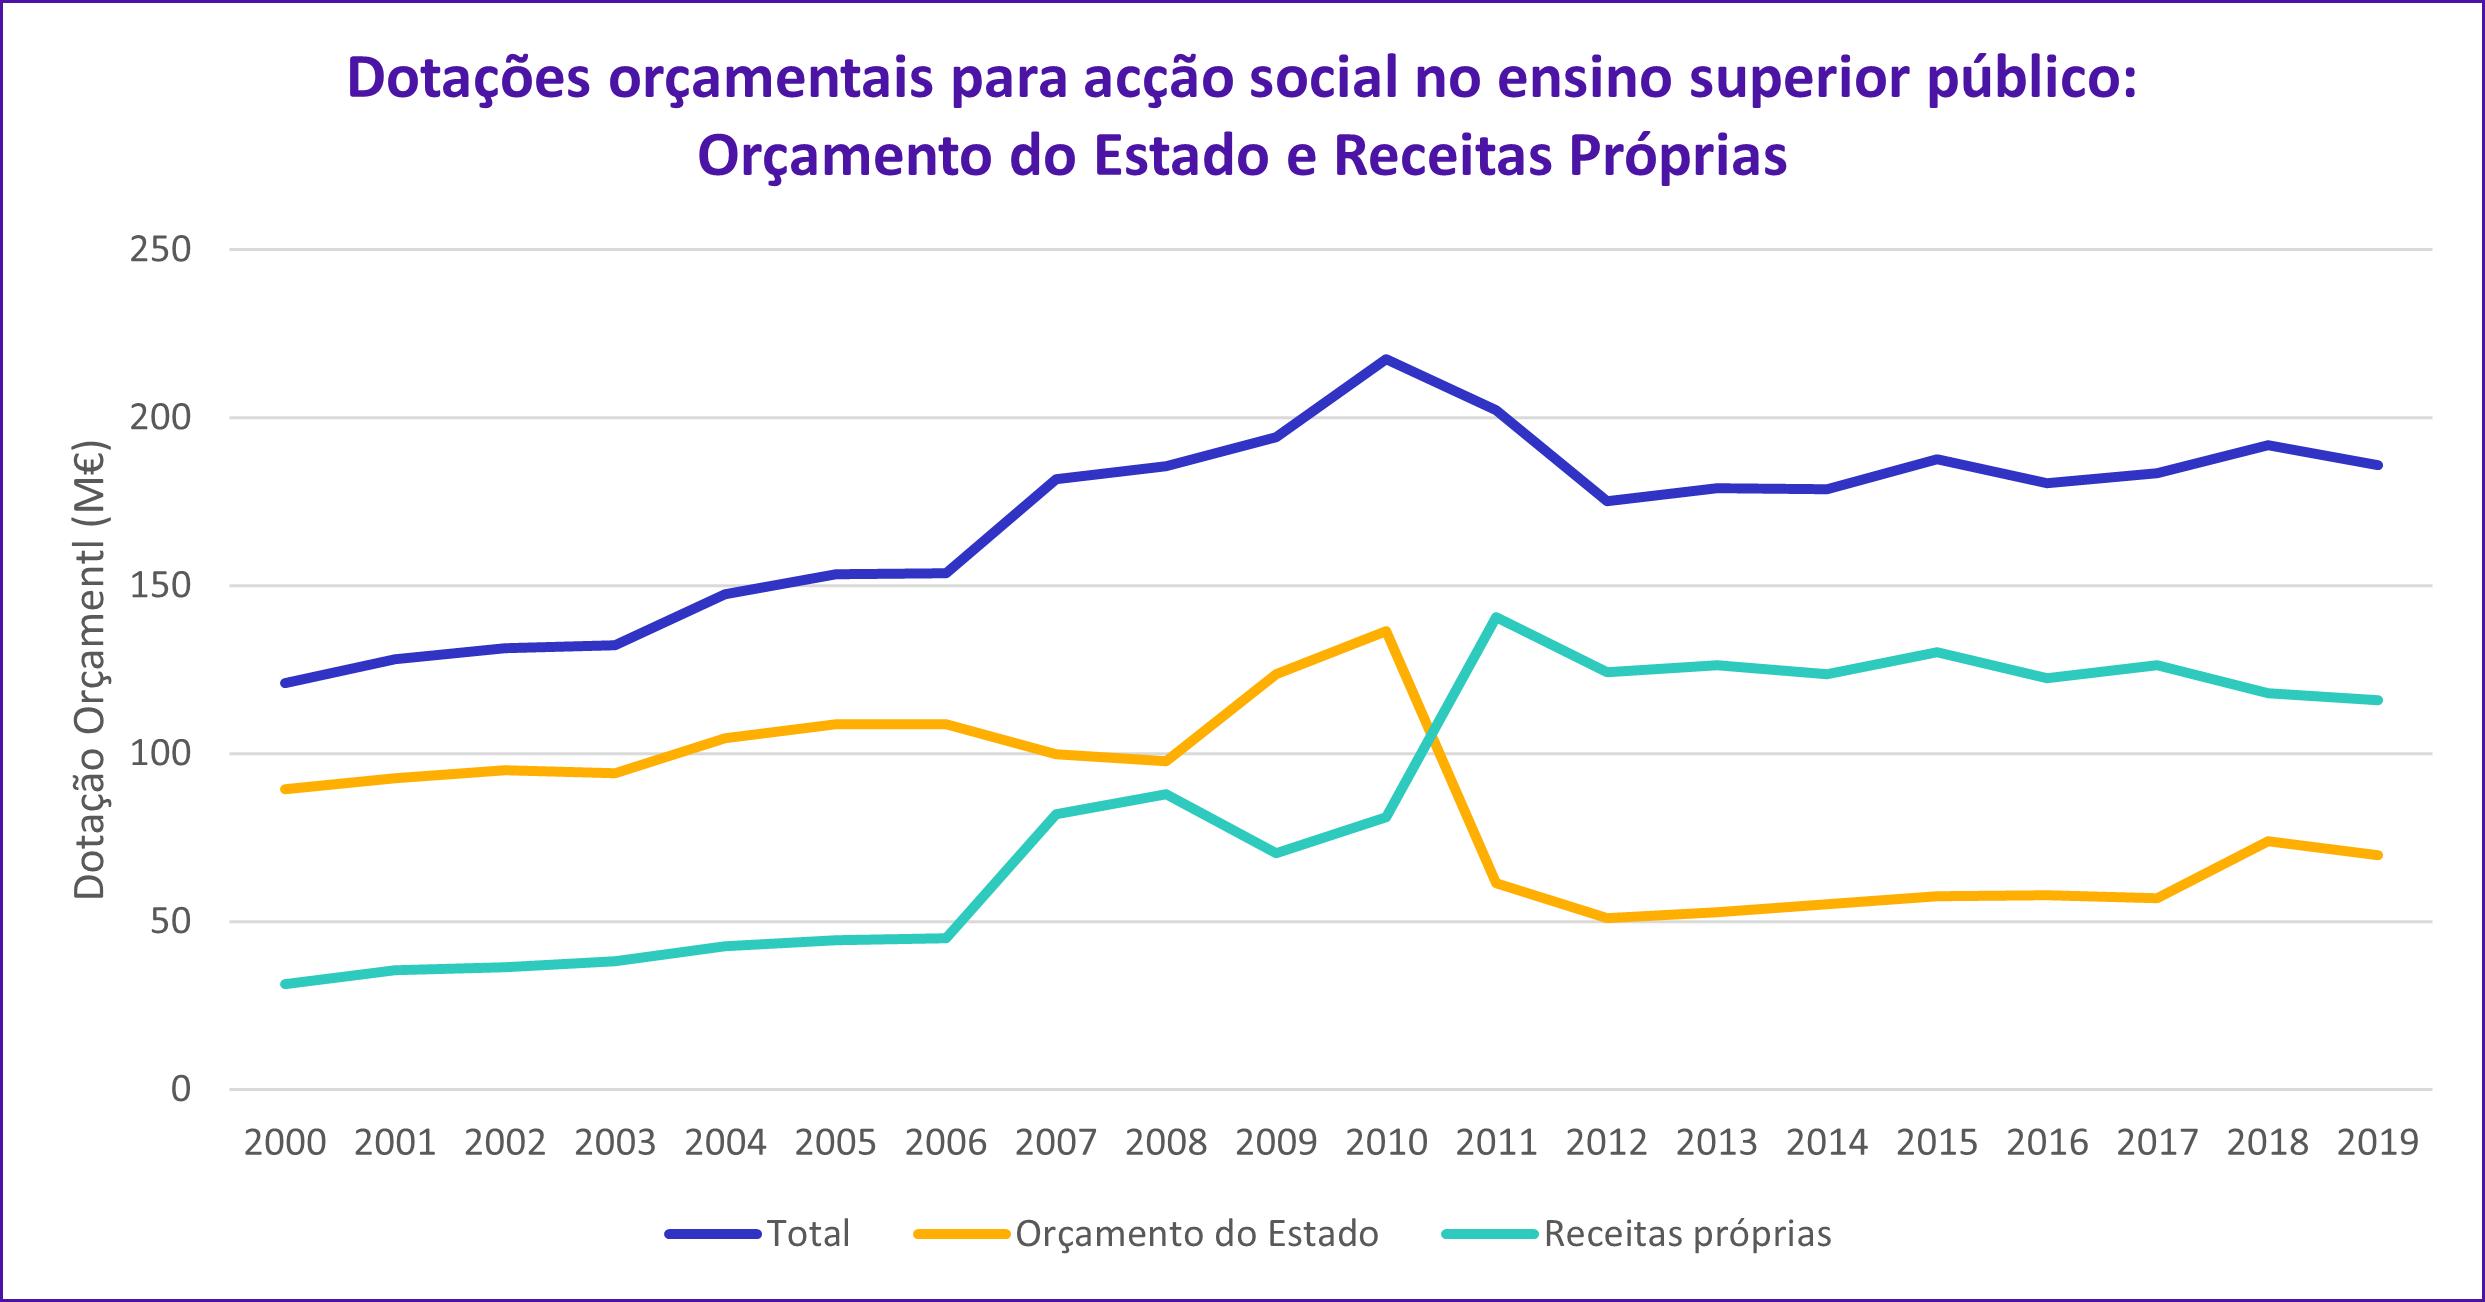 Gráfico com a evolução das dotações orçamentais para a ação social no ensino superior, mostrando uma quebra acentudada do orçamento de estado em 2011